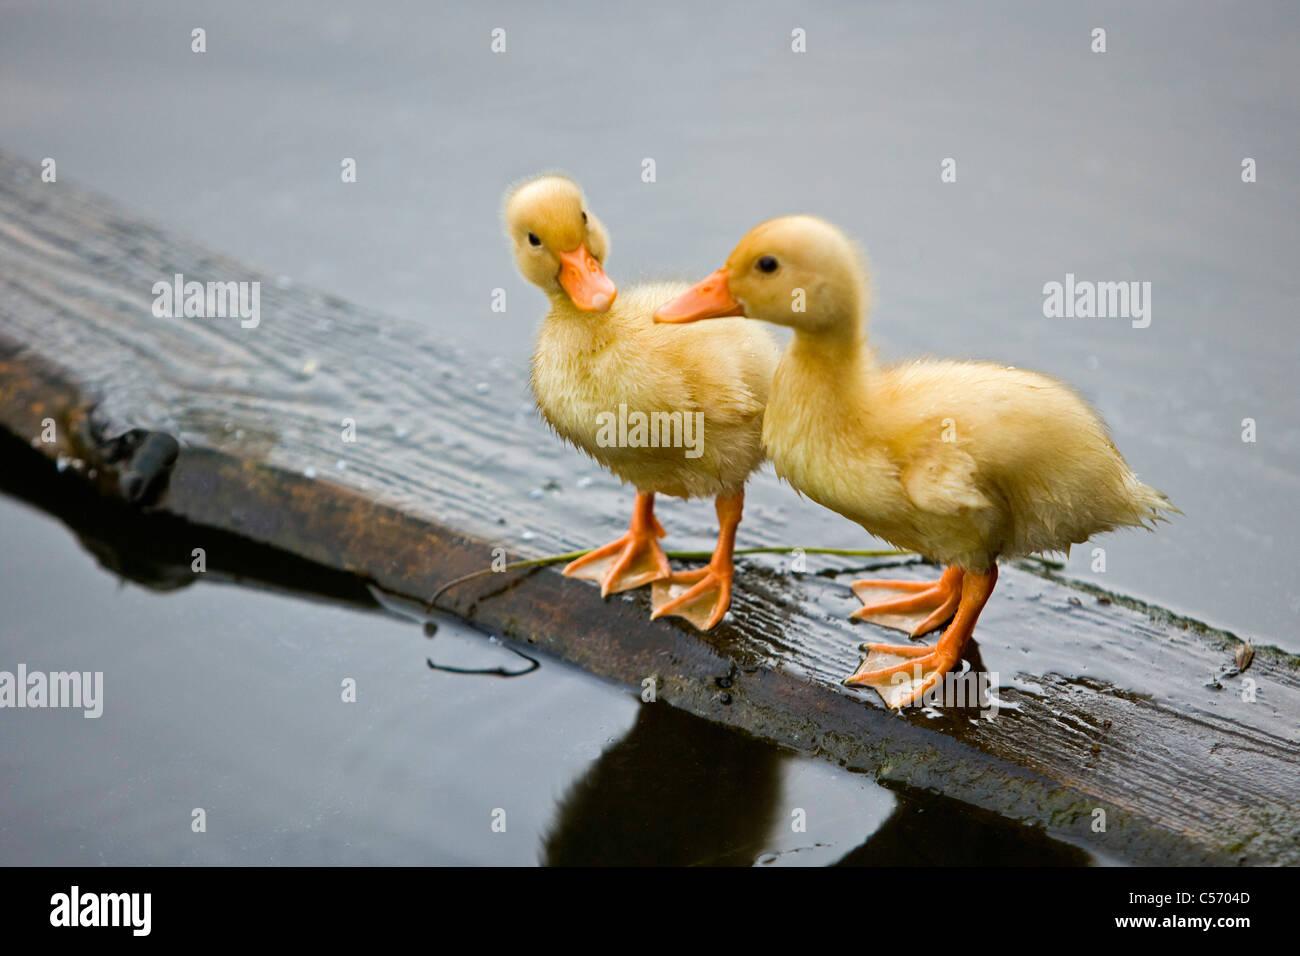 Les Pays-Bas, 's-Graveland. Plongeons sauvages sur bois Photo Stock